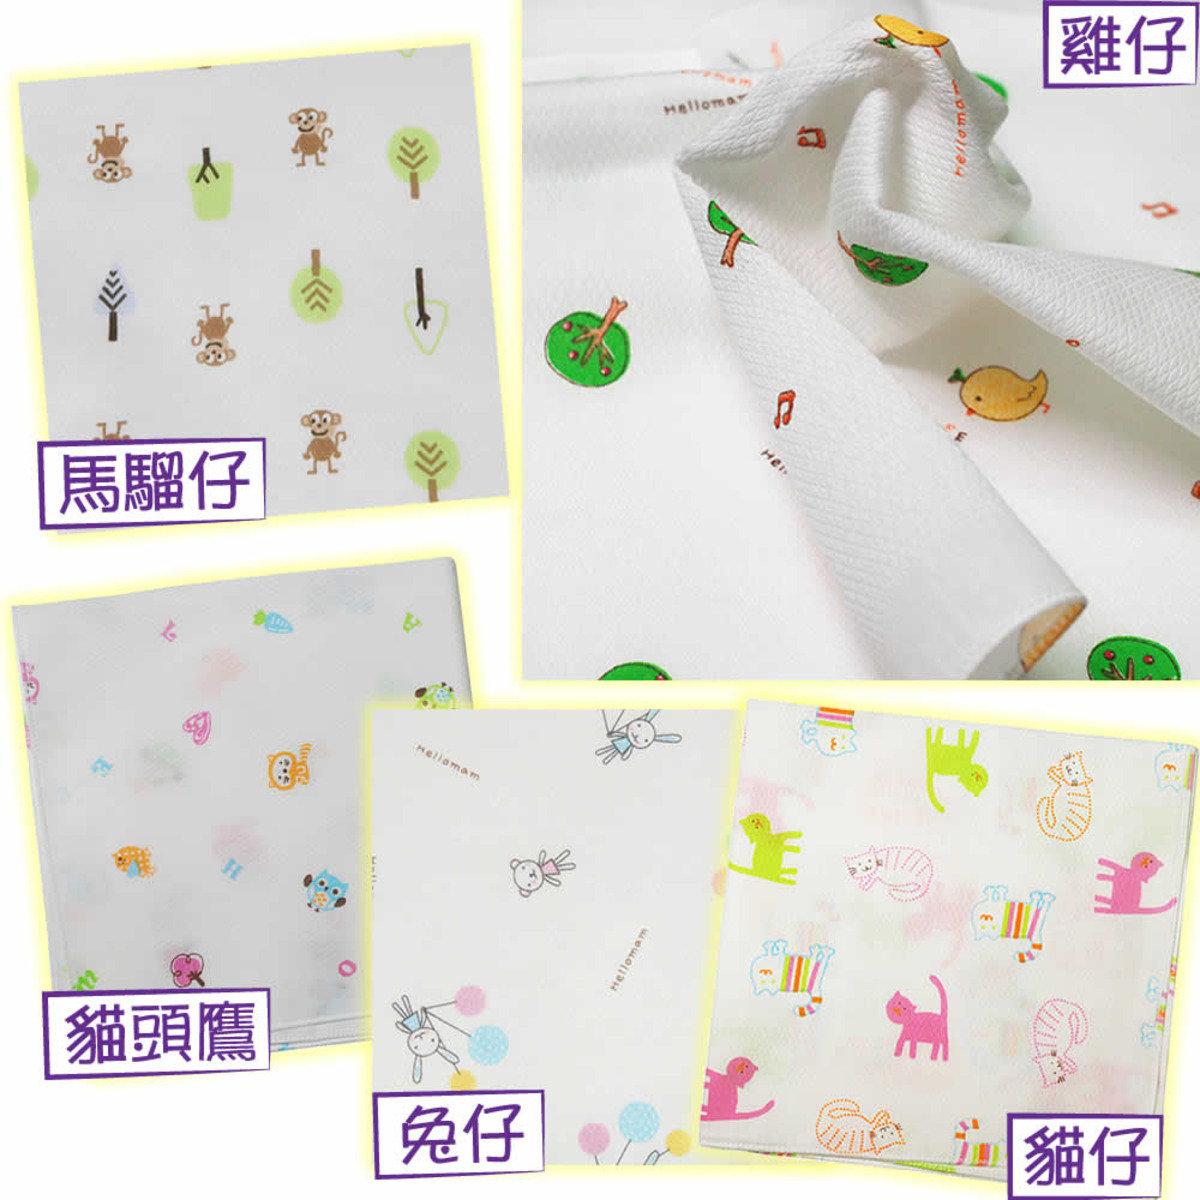 [買4送1] 全棉嬰兒紗巾 (5片裝) x 5包